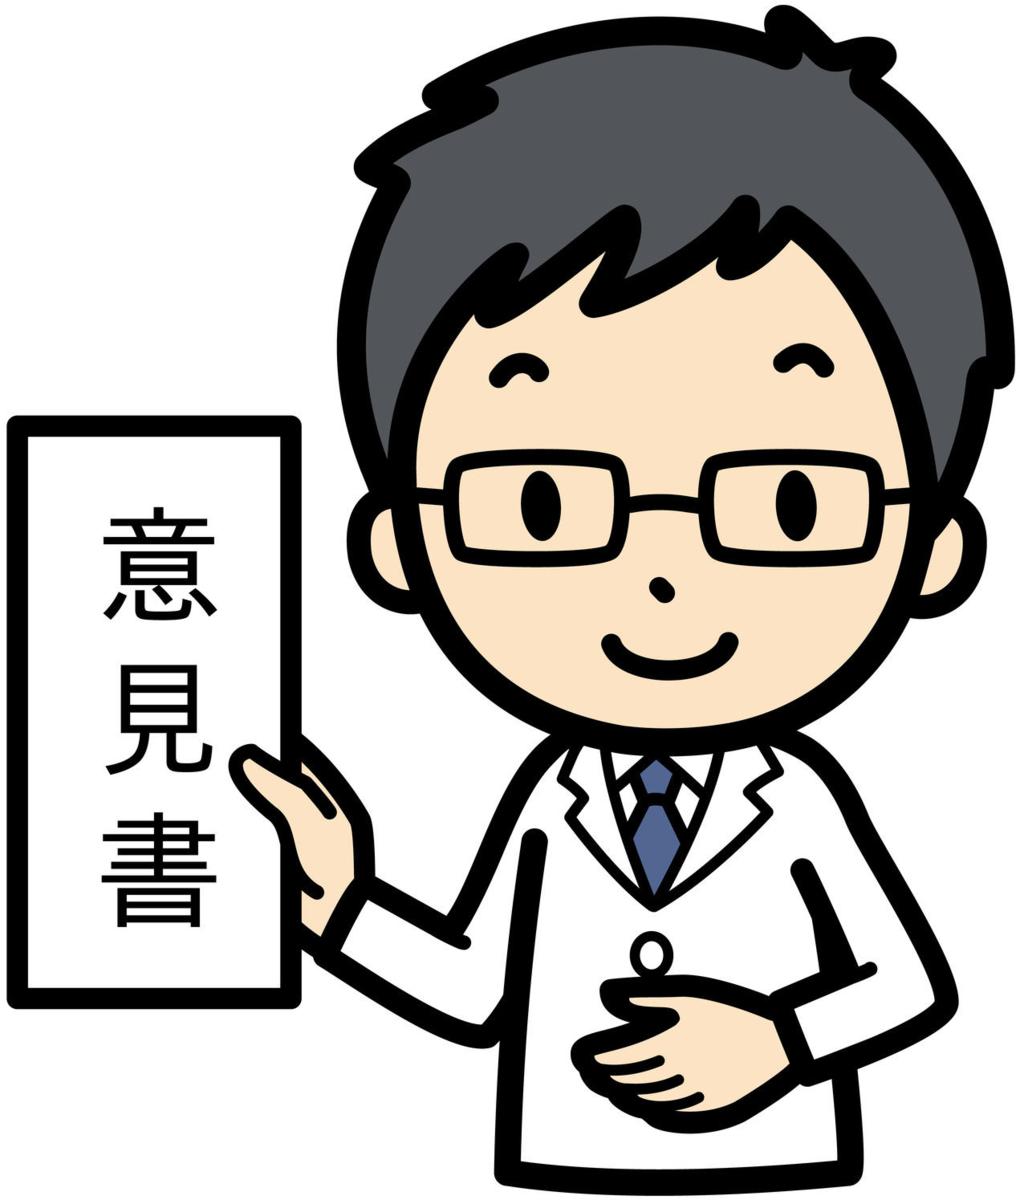 f:id:maple-enkyorikaigo:20210922212145p:plain